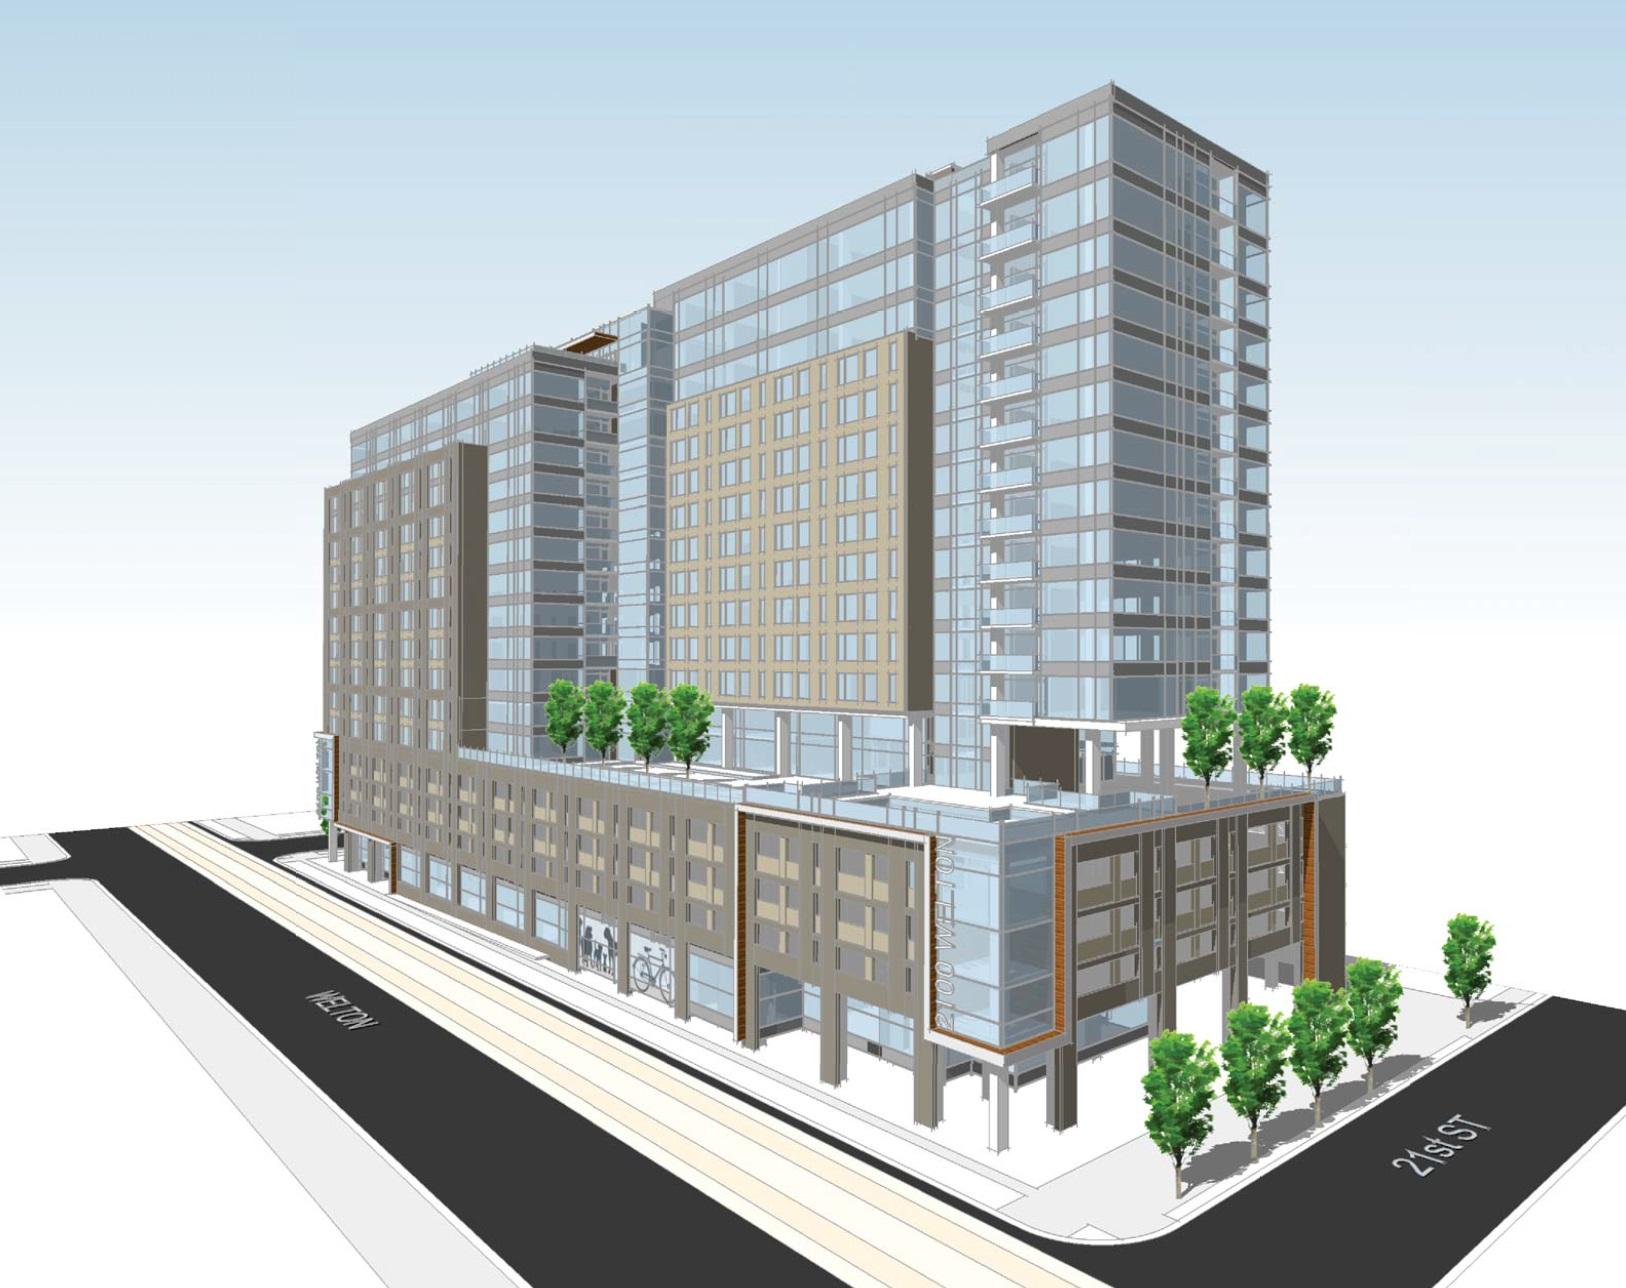 Apartment Building Design Concepts denver cityscape